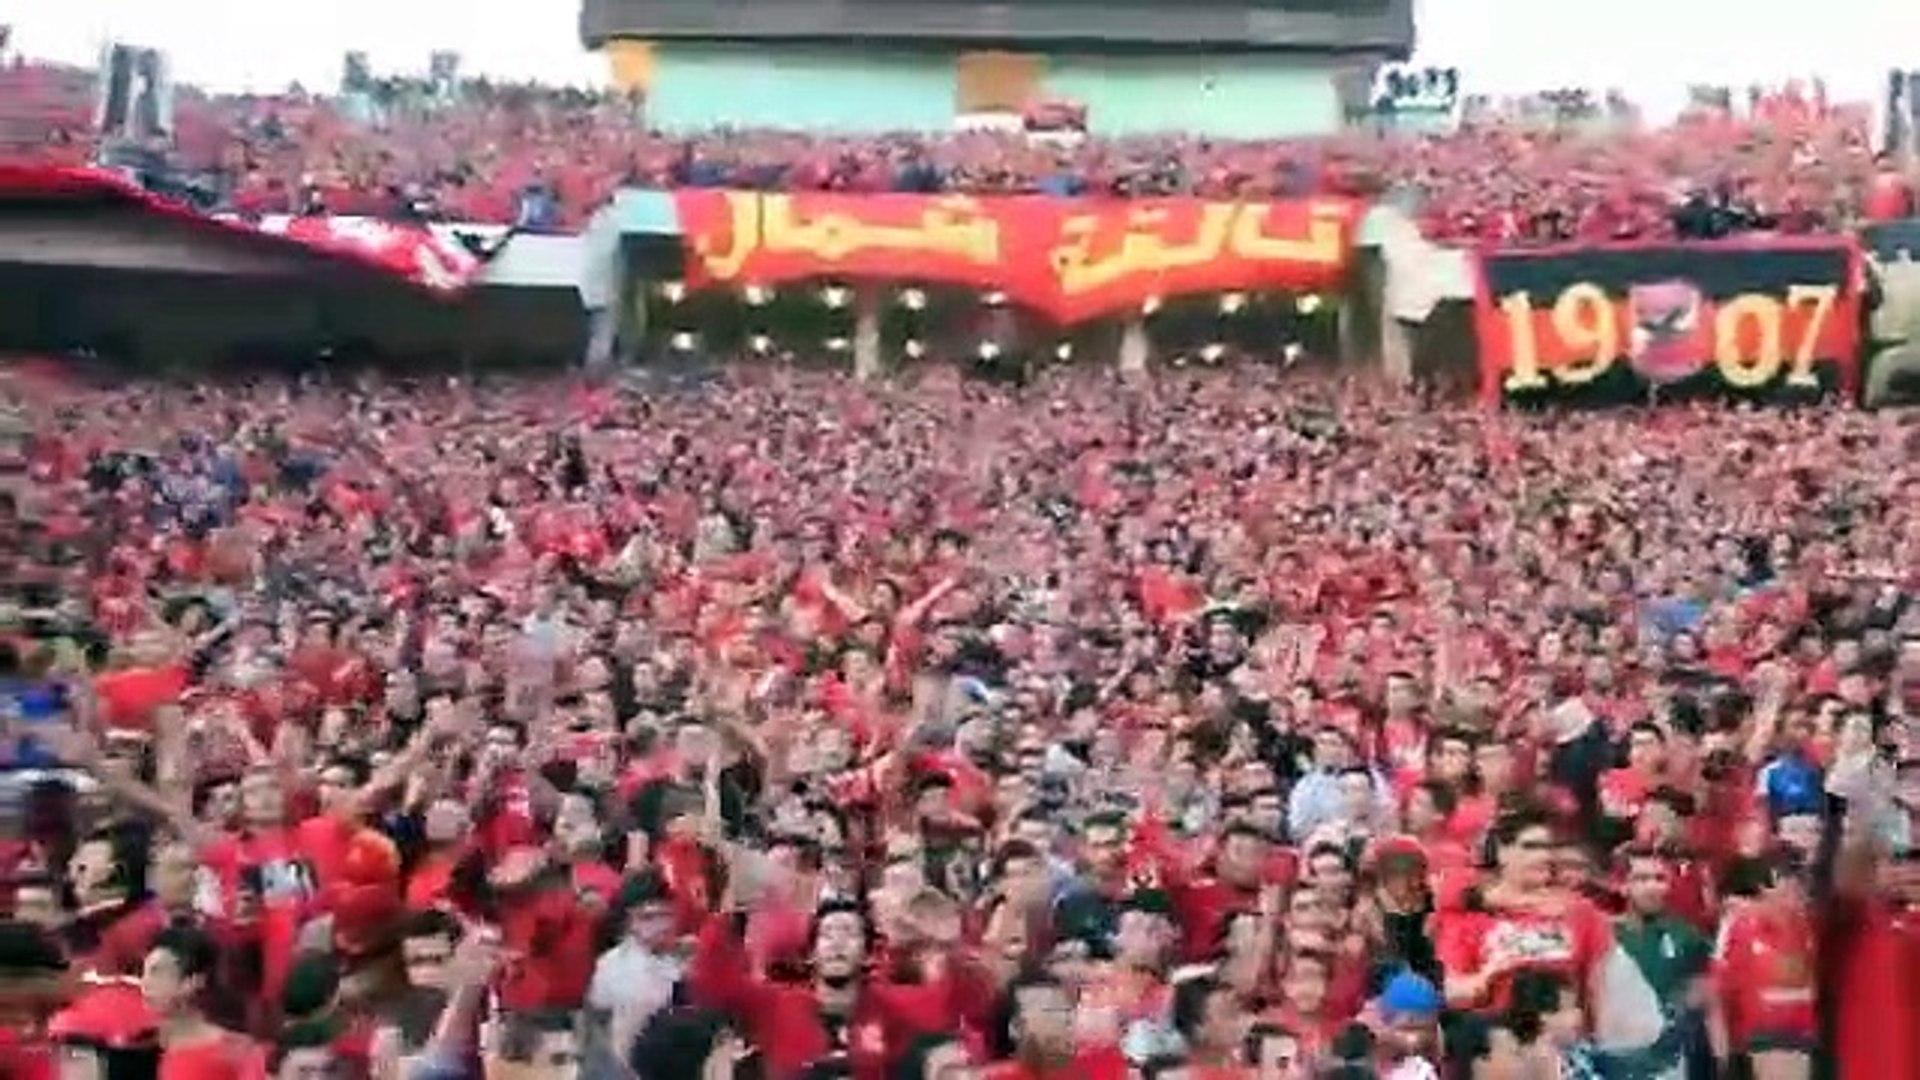 اغنية التالتة شمال.. بتهز استاد برج العرب قبل الهدف الثاني في الترجي .. اسمع صوت الجمهور